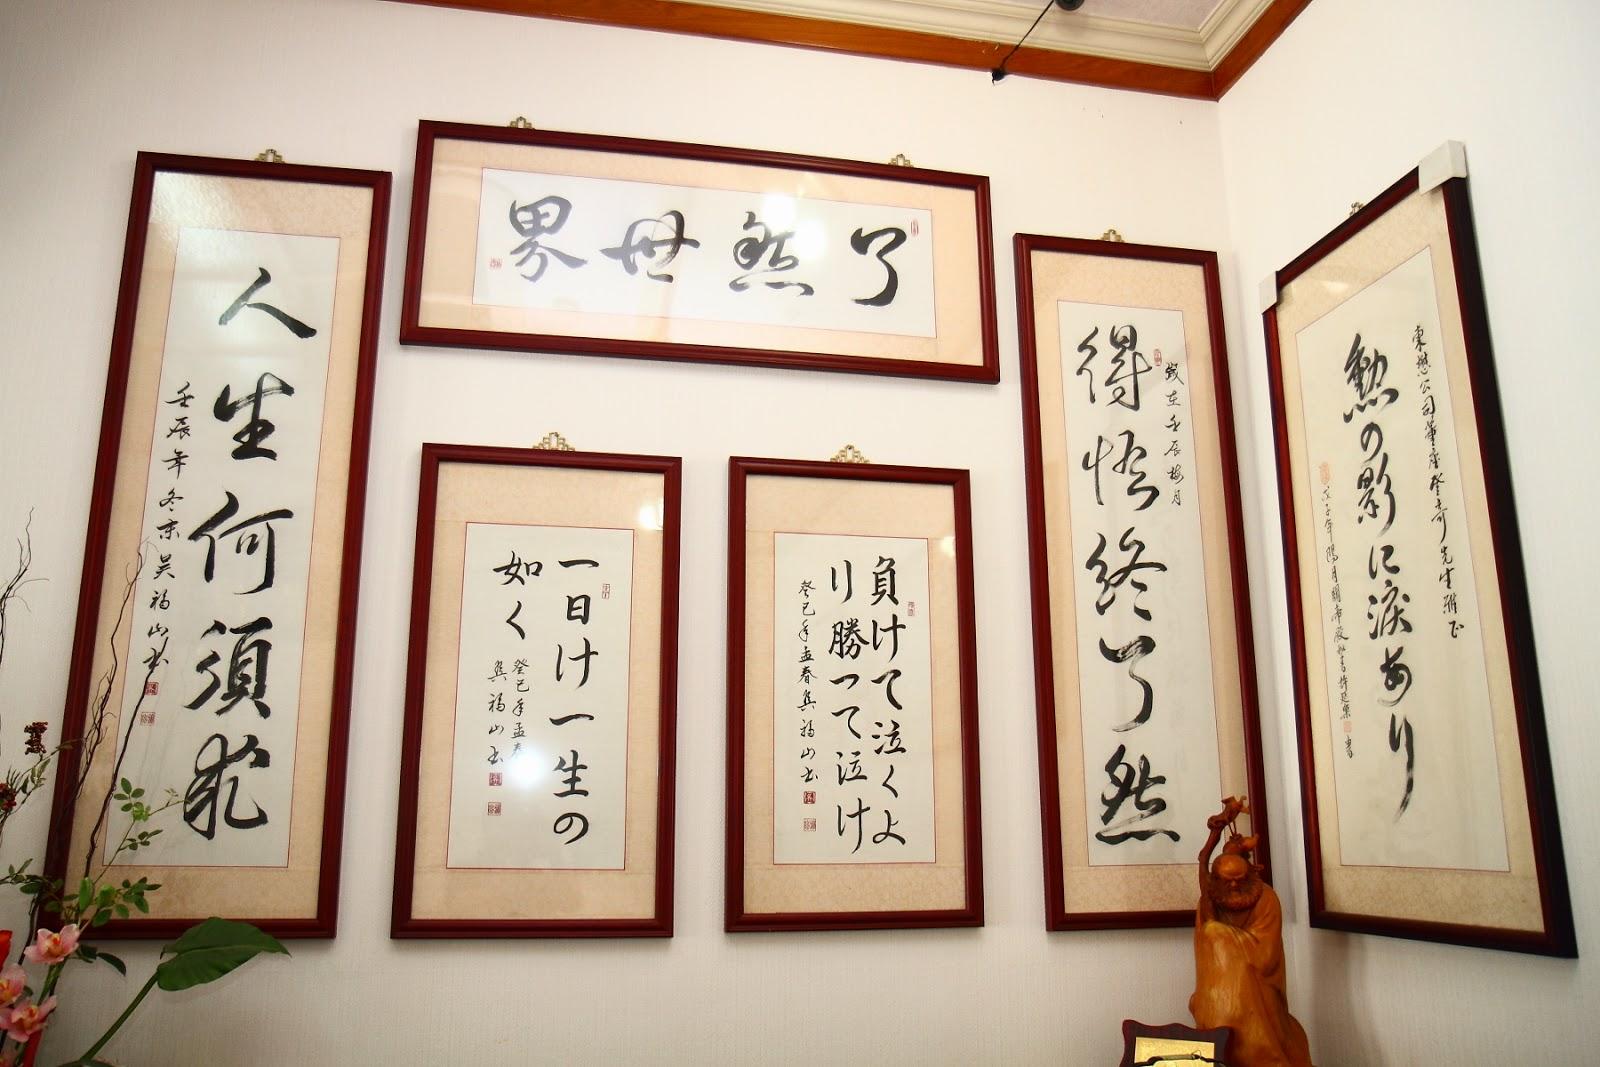 熱愛書法的創始人鄭登奇寫得一手好字,裱褙懸掛在辦公室不僅是家訓、更是企業精神